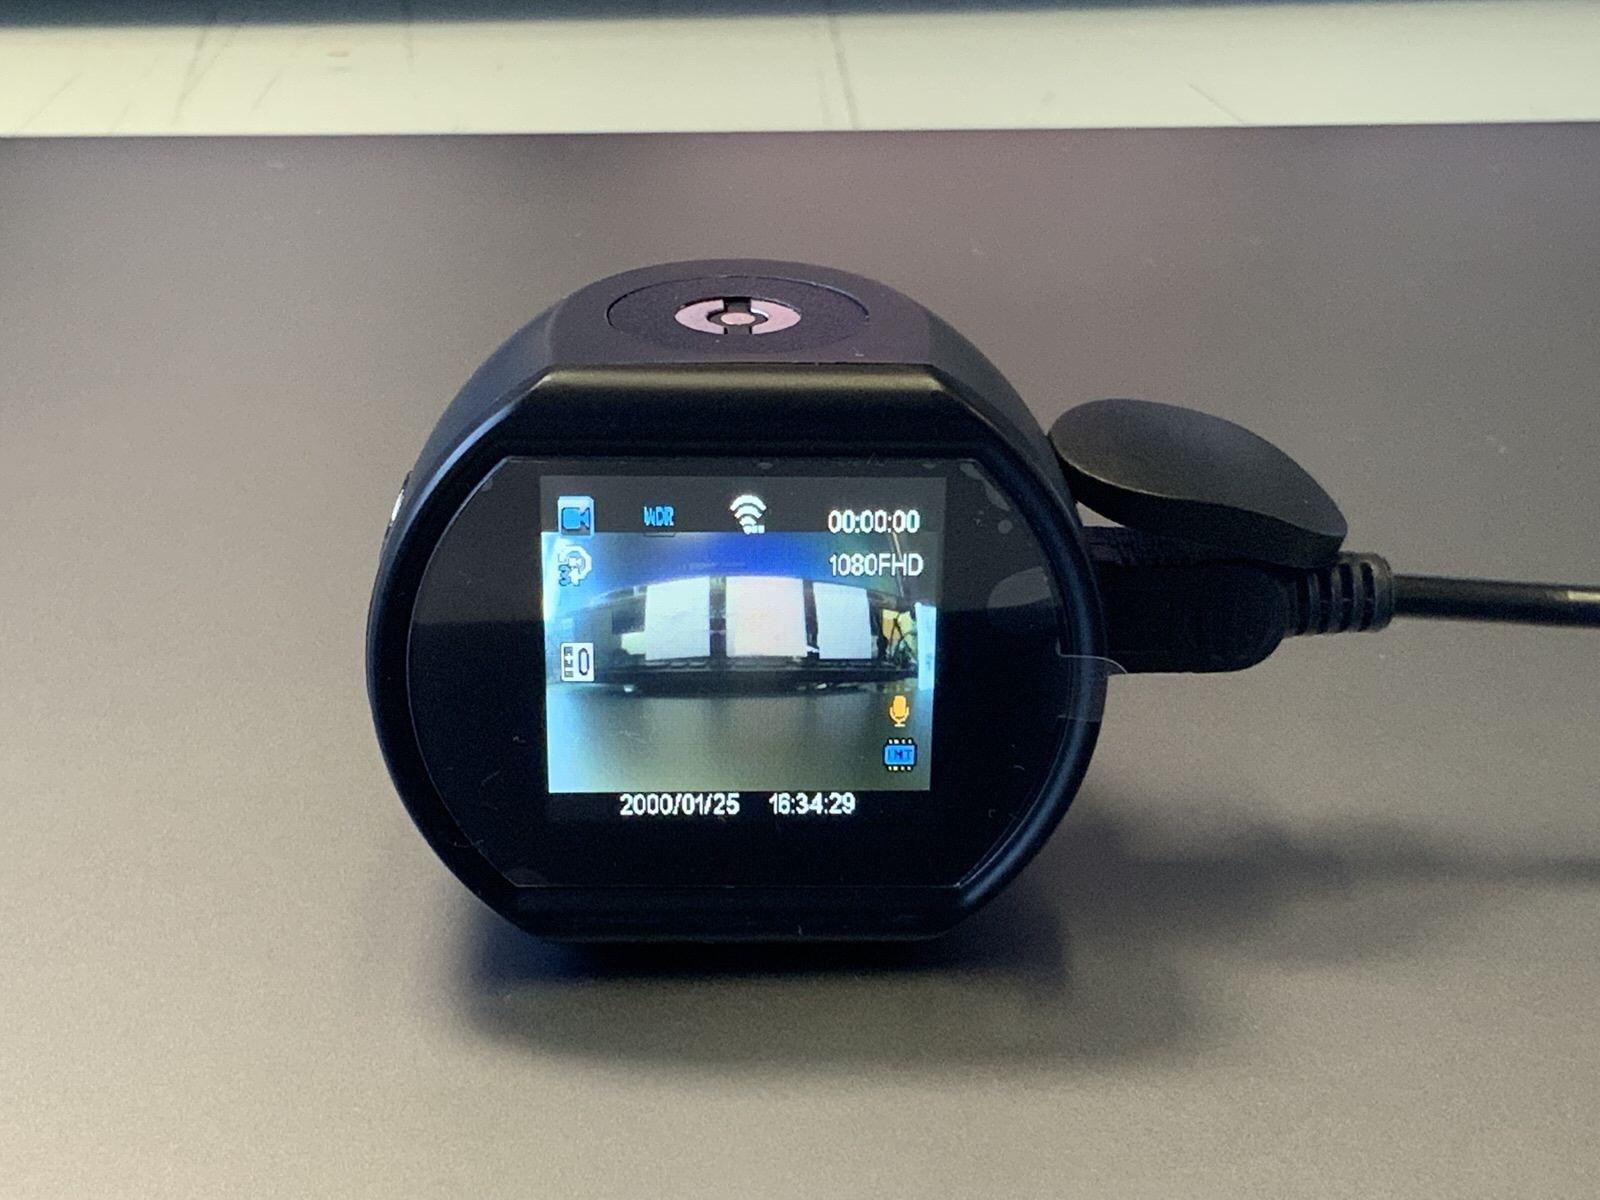 ドライブレコーダー WiFi【2018年最新版】HQBKiNG WiFi ドラレコ 1080PフルHD SONYセンサー搭載 高画質 ミニ 小型車載カメラ−14